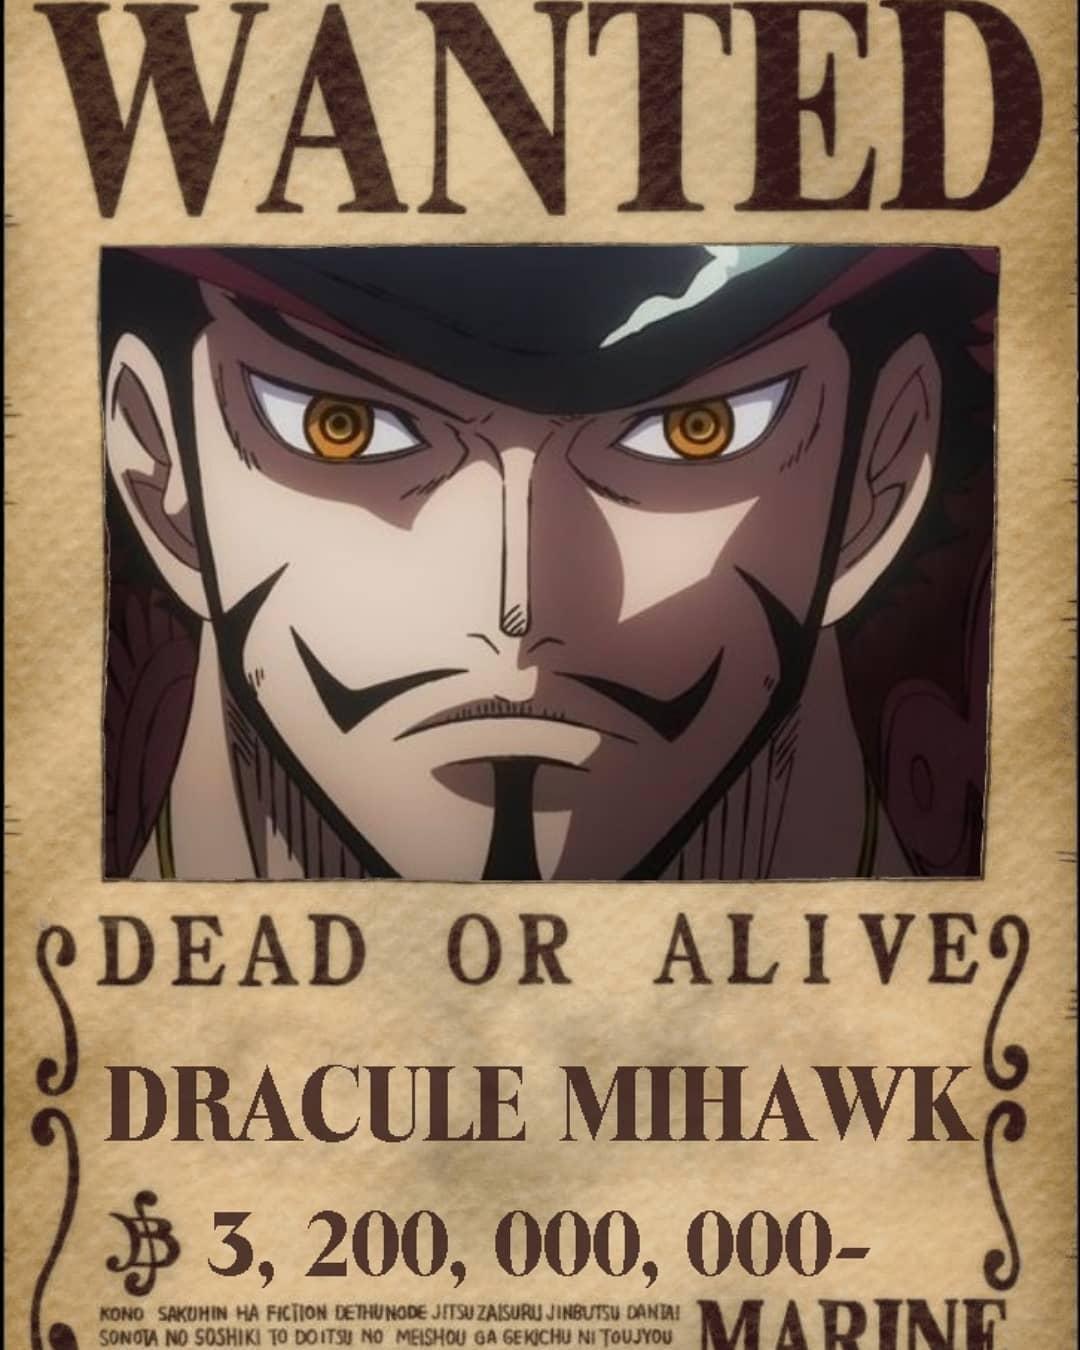 Secondo voi sarà questa la Taglia di Mihawk?